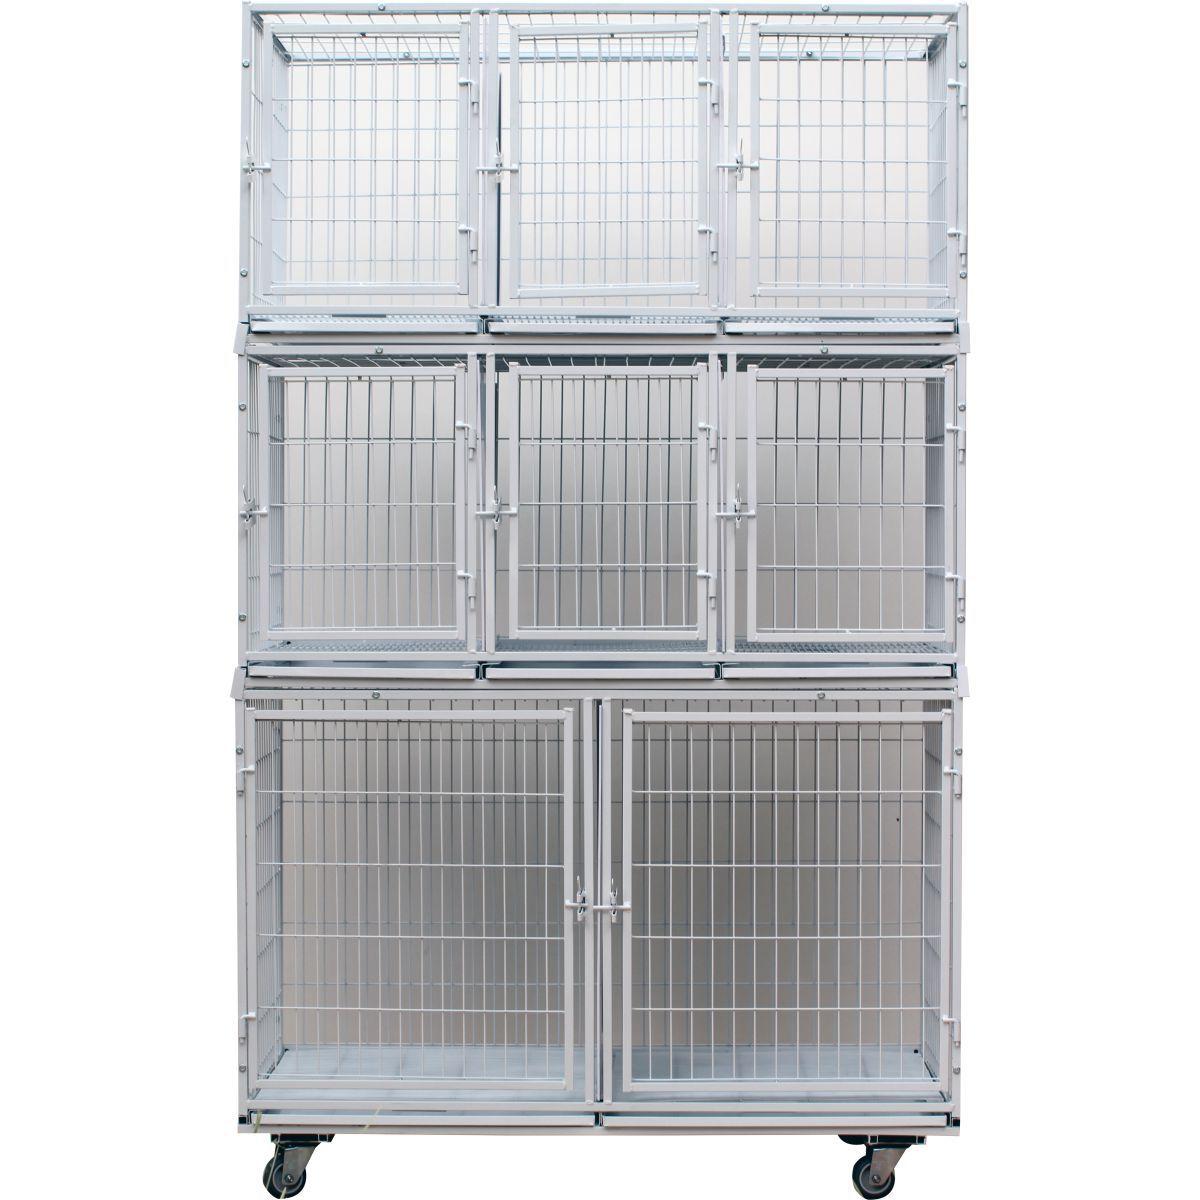 Gaiola canil cães e gatos - 8 lugares modular Branca